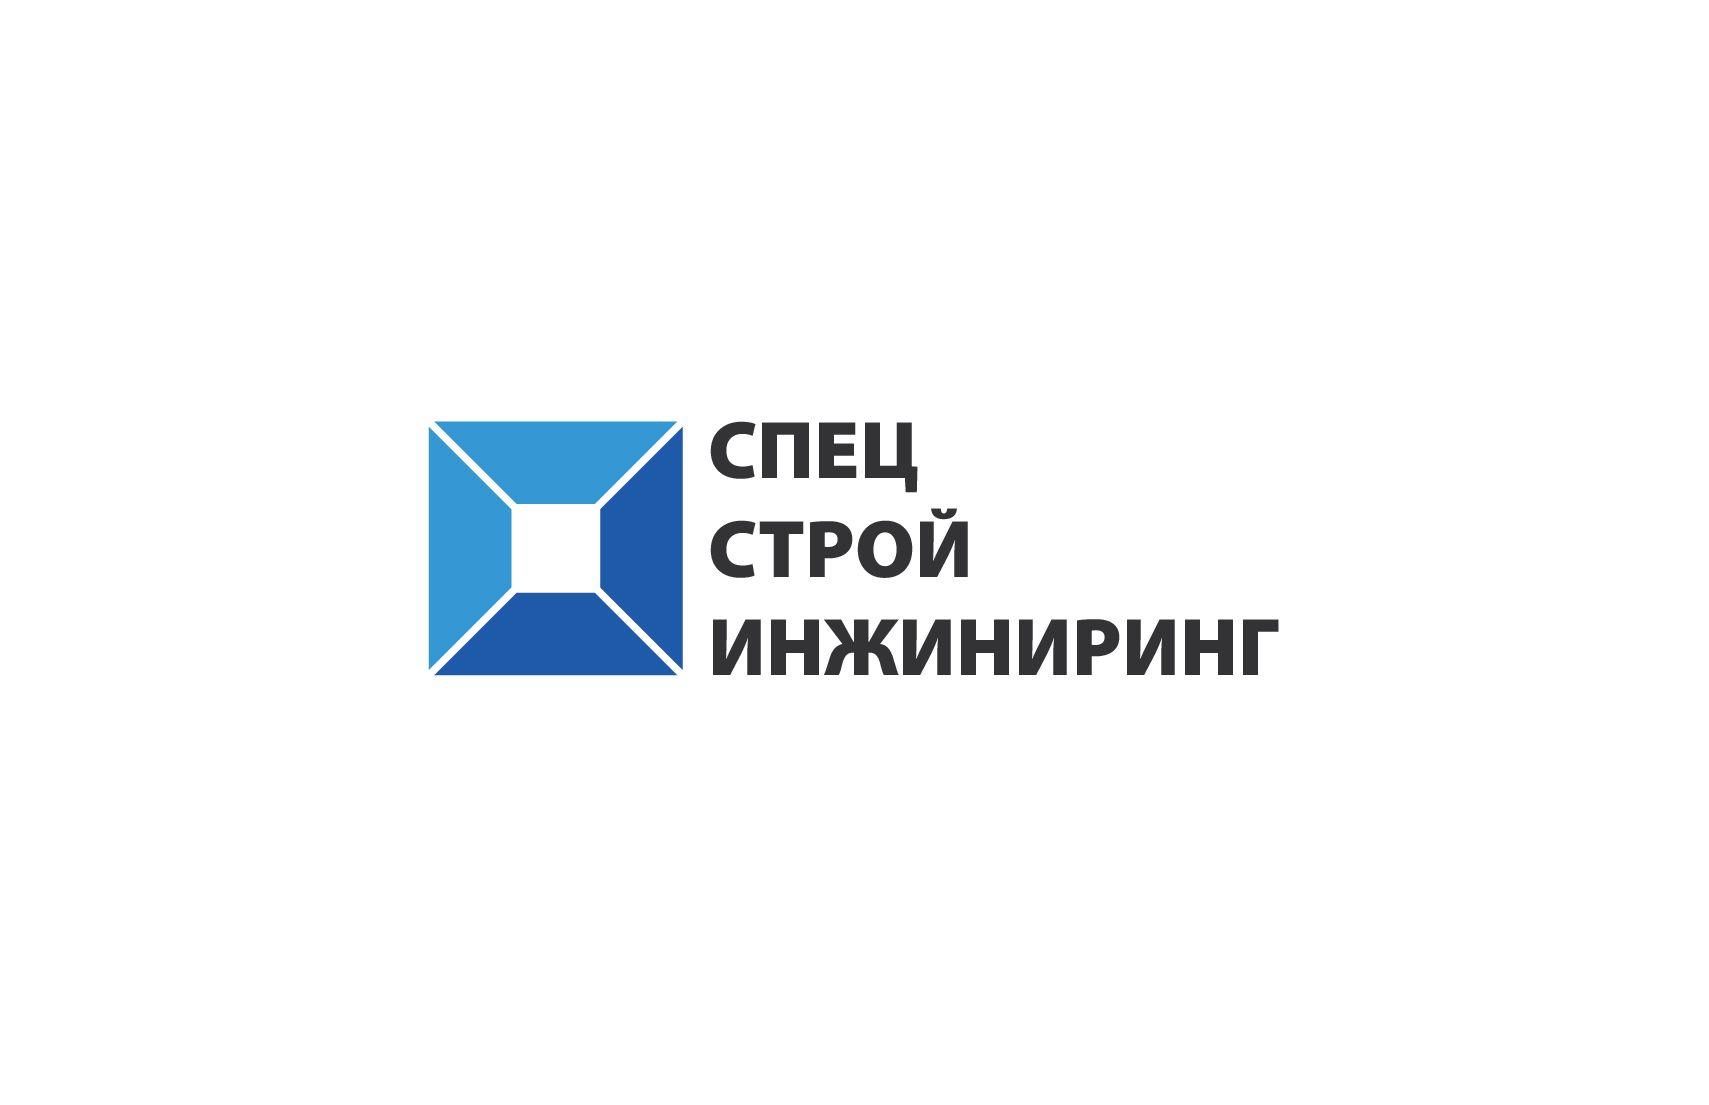 Логотип для строительной компании - дизайнер andyul